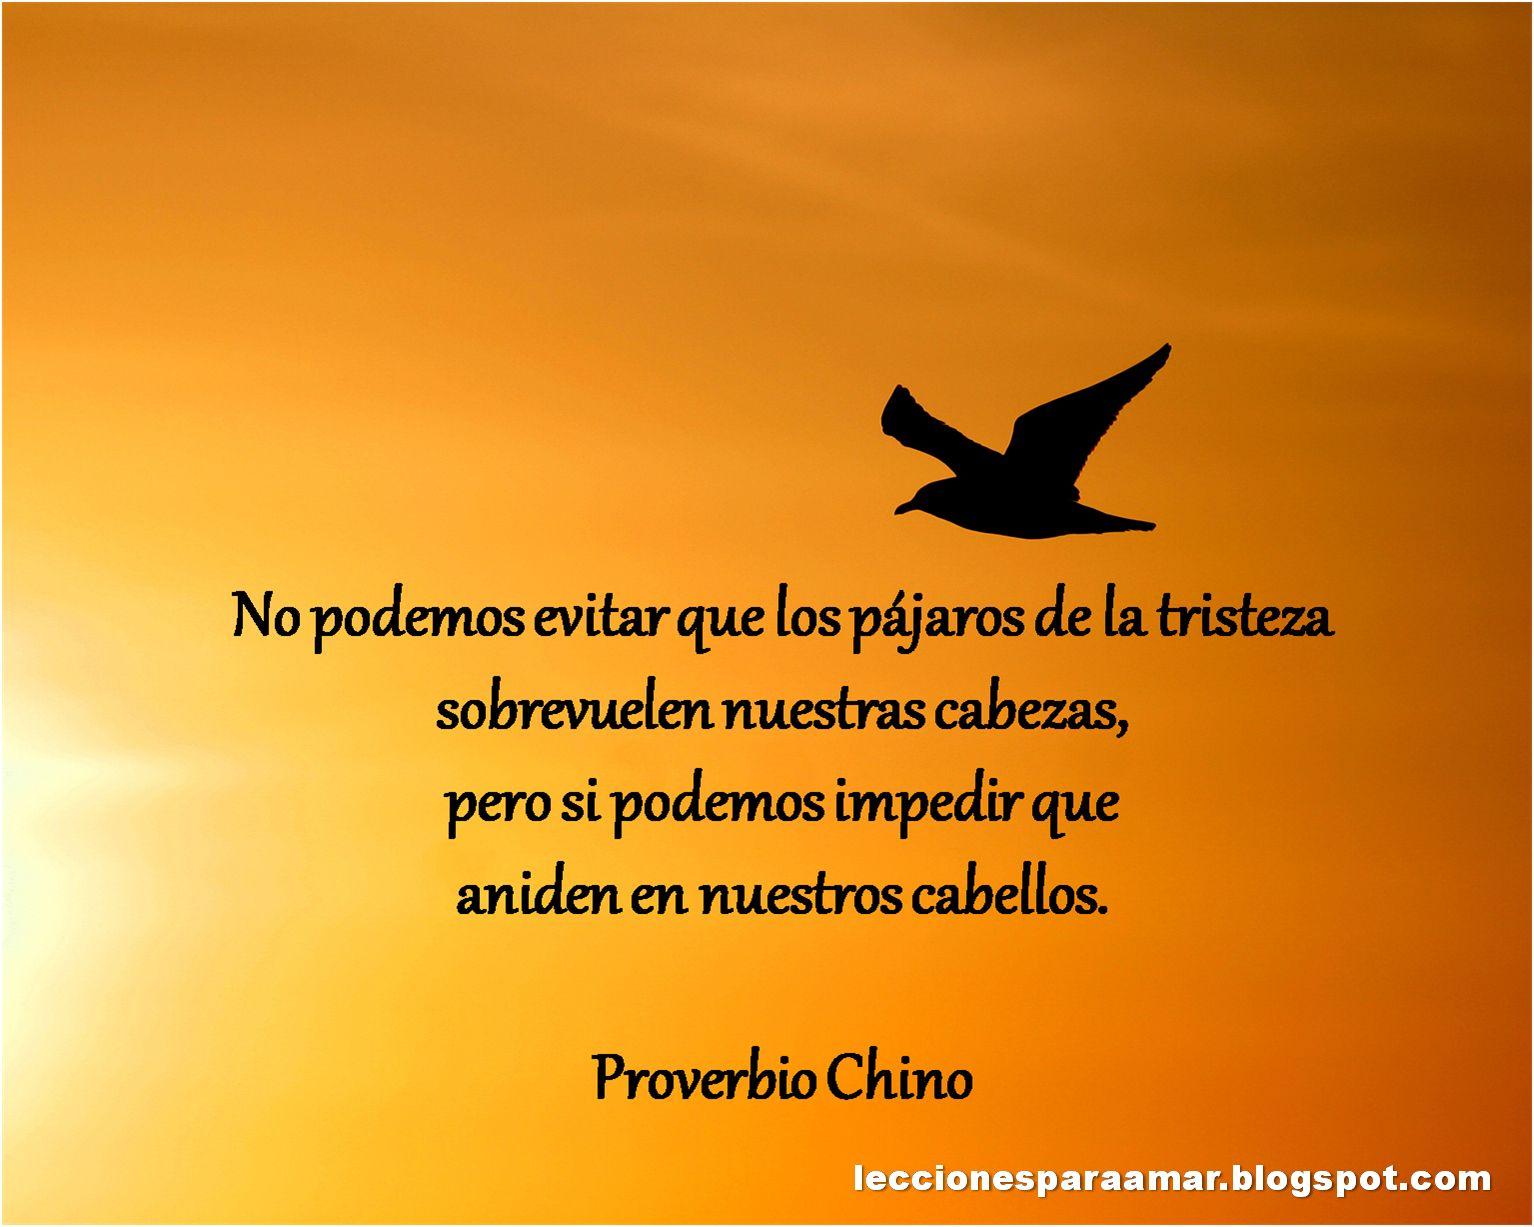 Proverbio Chino Proverbios Chinos Amor Proverbios Chinos